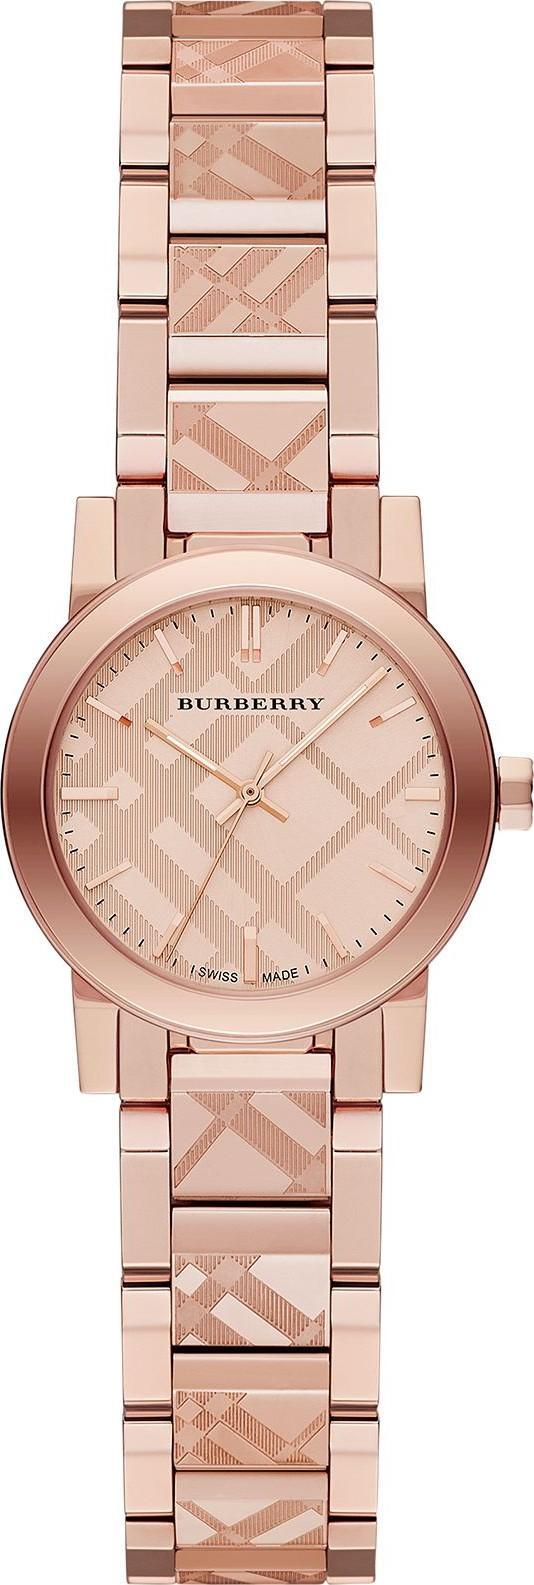 Đồng hồ nữ thời trang burberry9146 the city rose gold tone - dây thép không gỉ szie 28mm - fullbox bán chạy